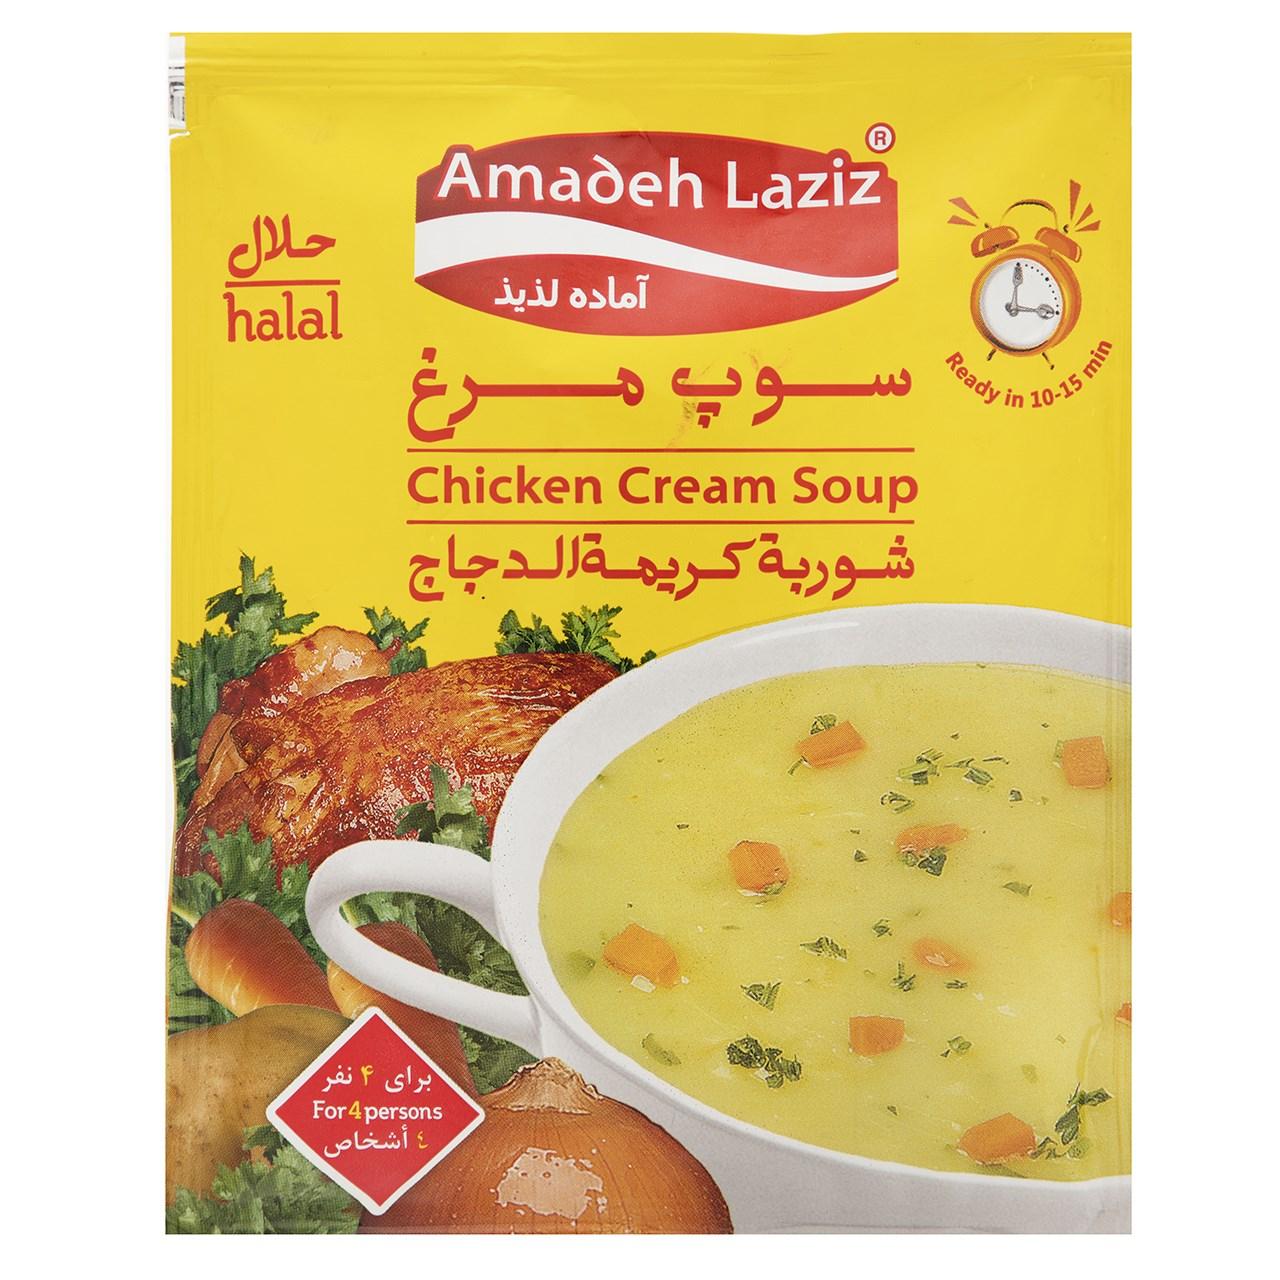 سوپ نیمه آماده مرغ آماده لذیذ مقدار 61 گرم